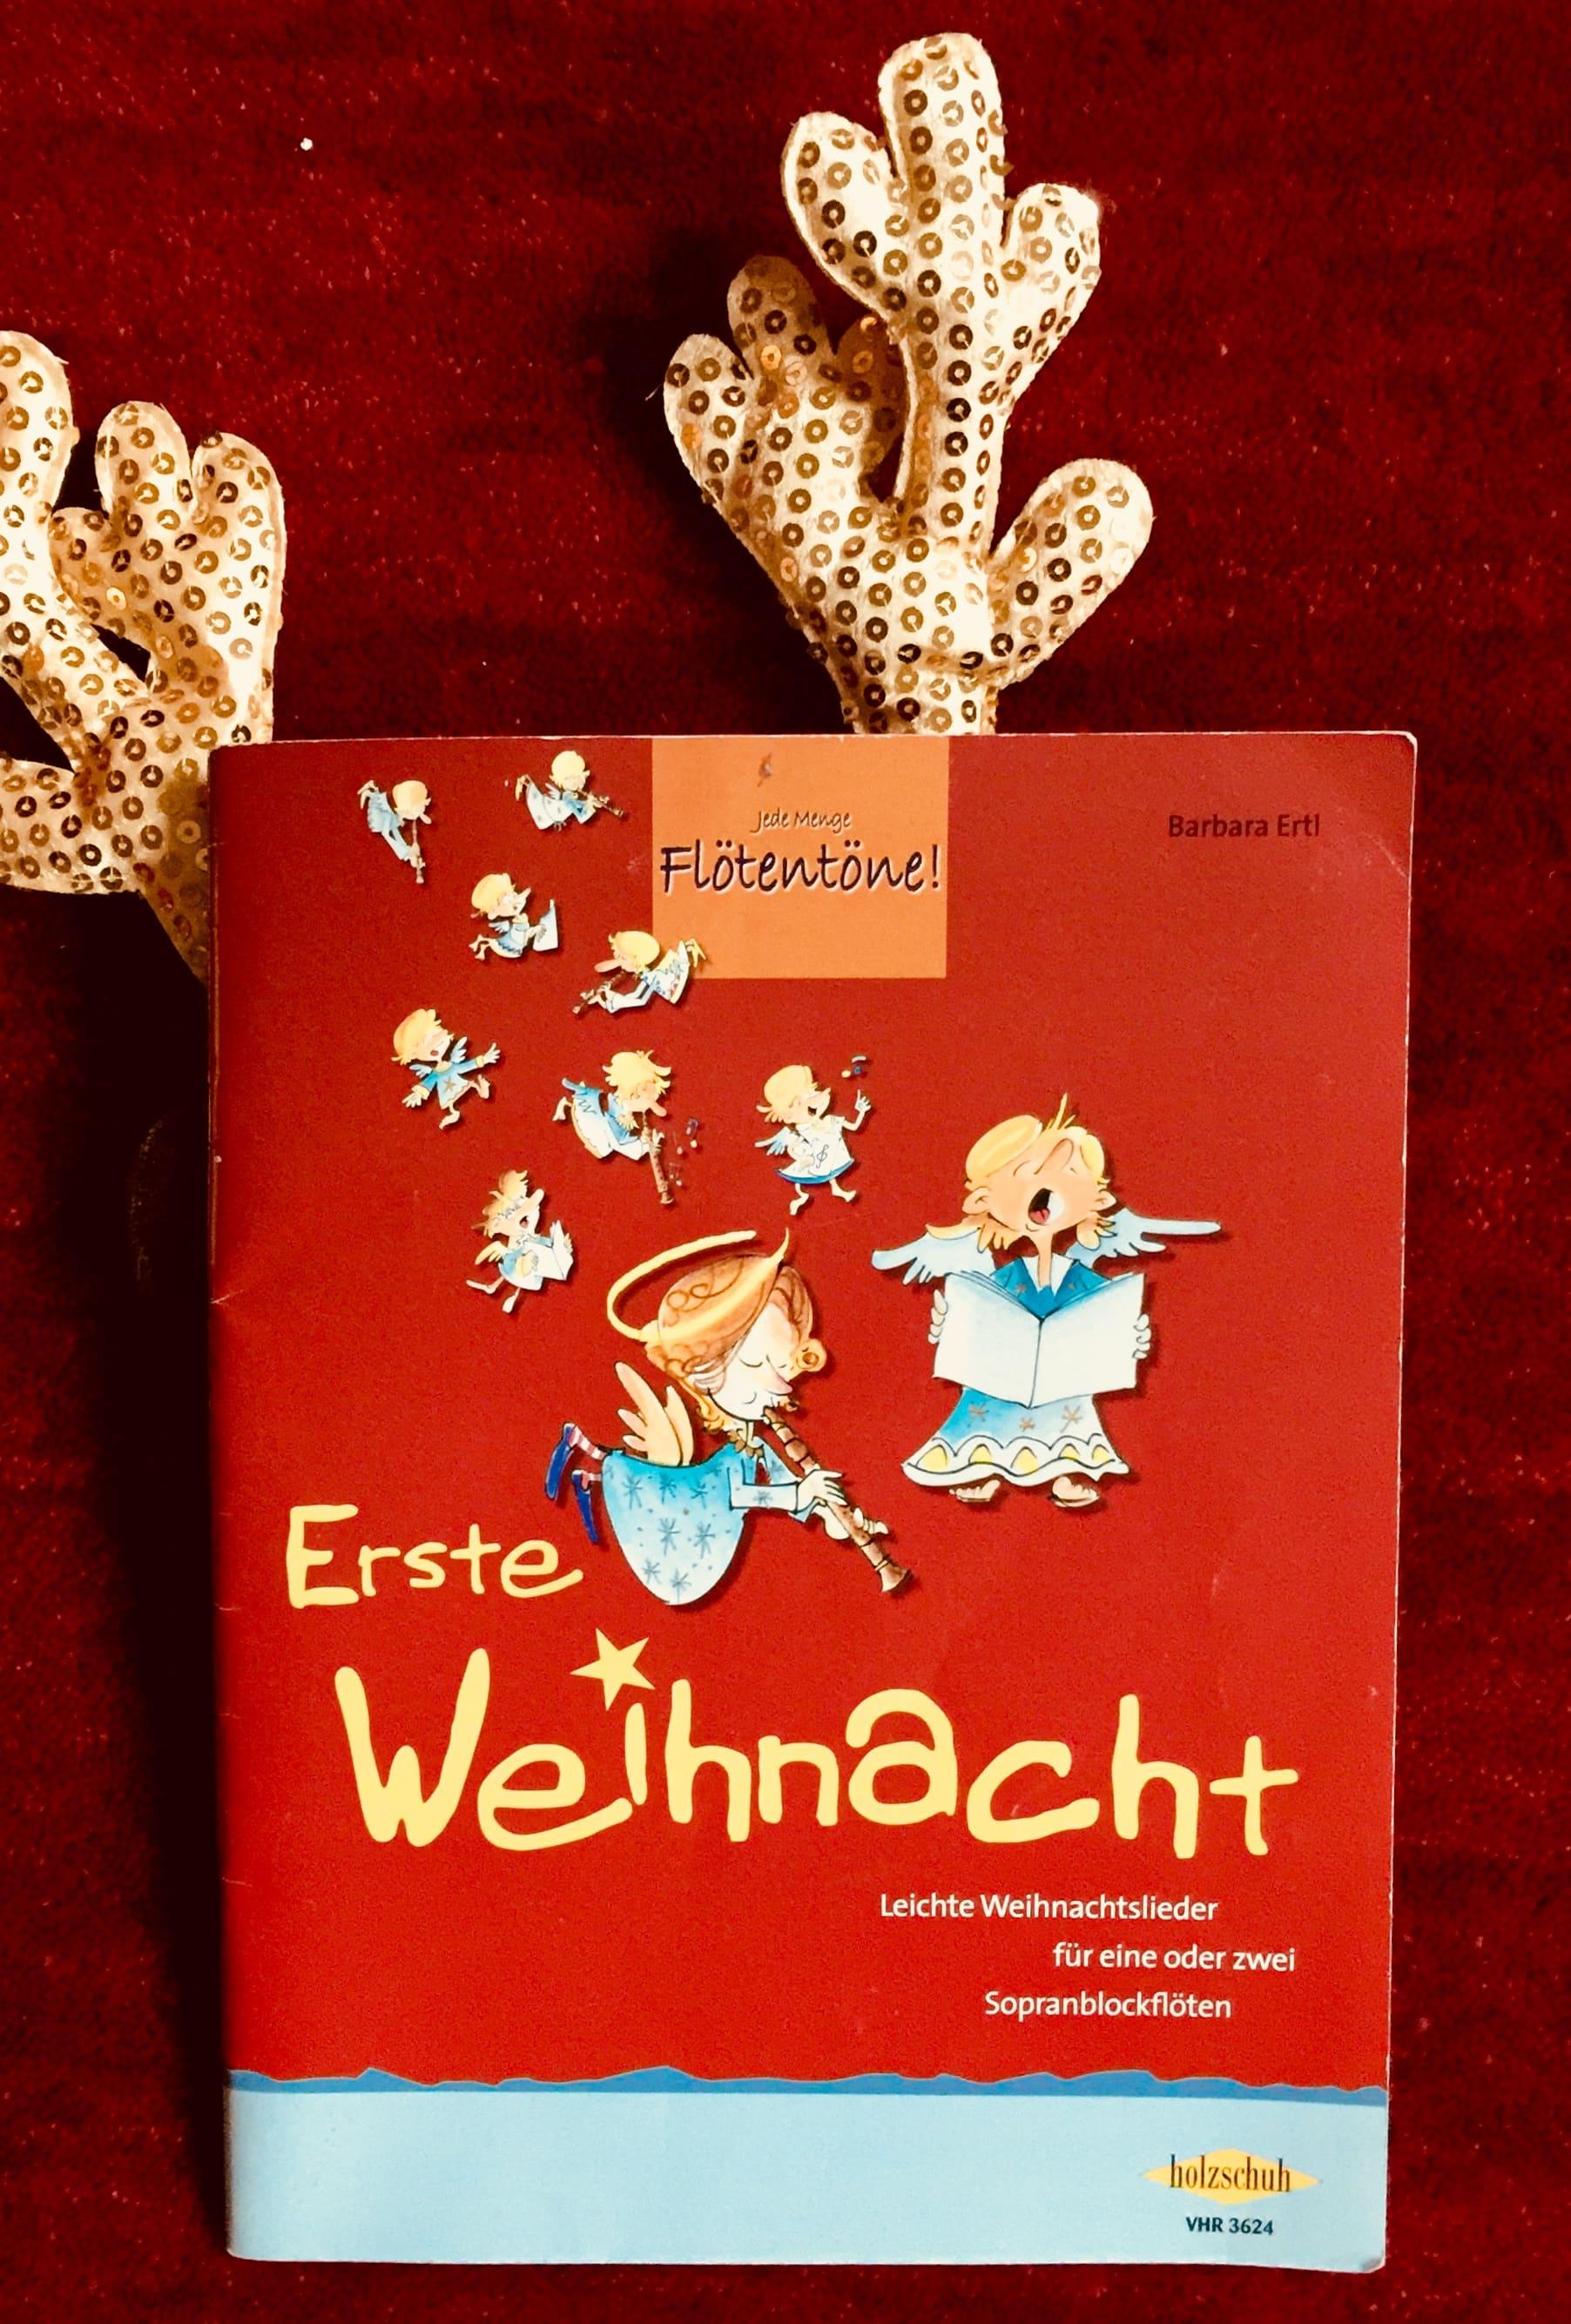 Weihnachtslieder für Sopranflöte, rotes Buch mit Engeln, B. Ertl